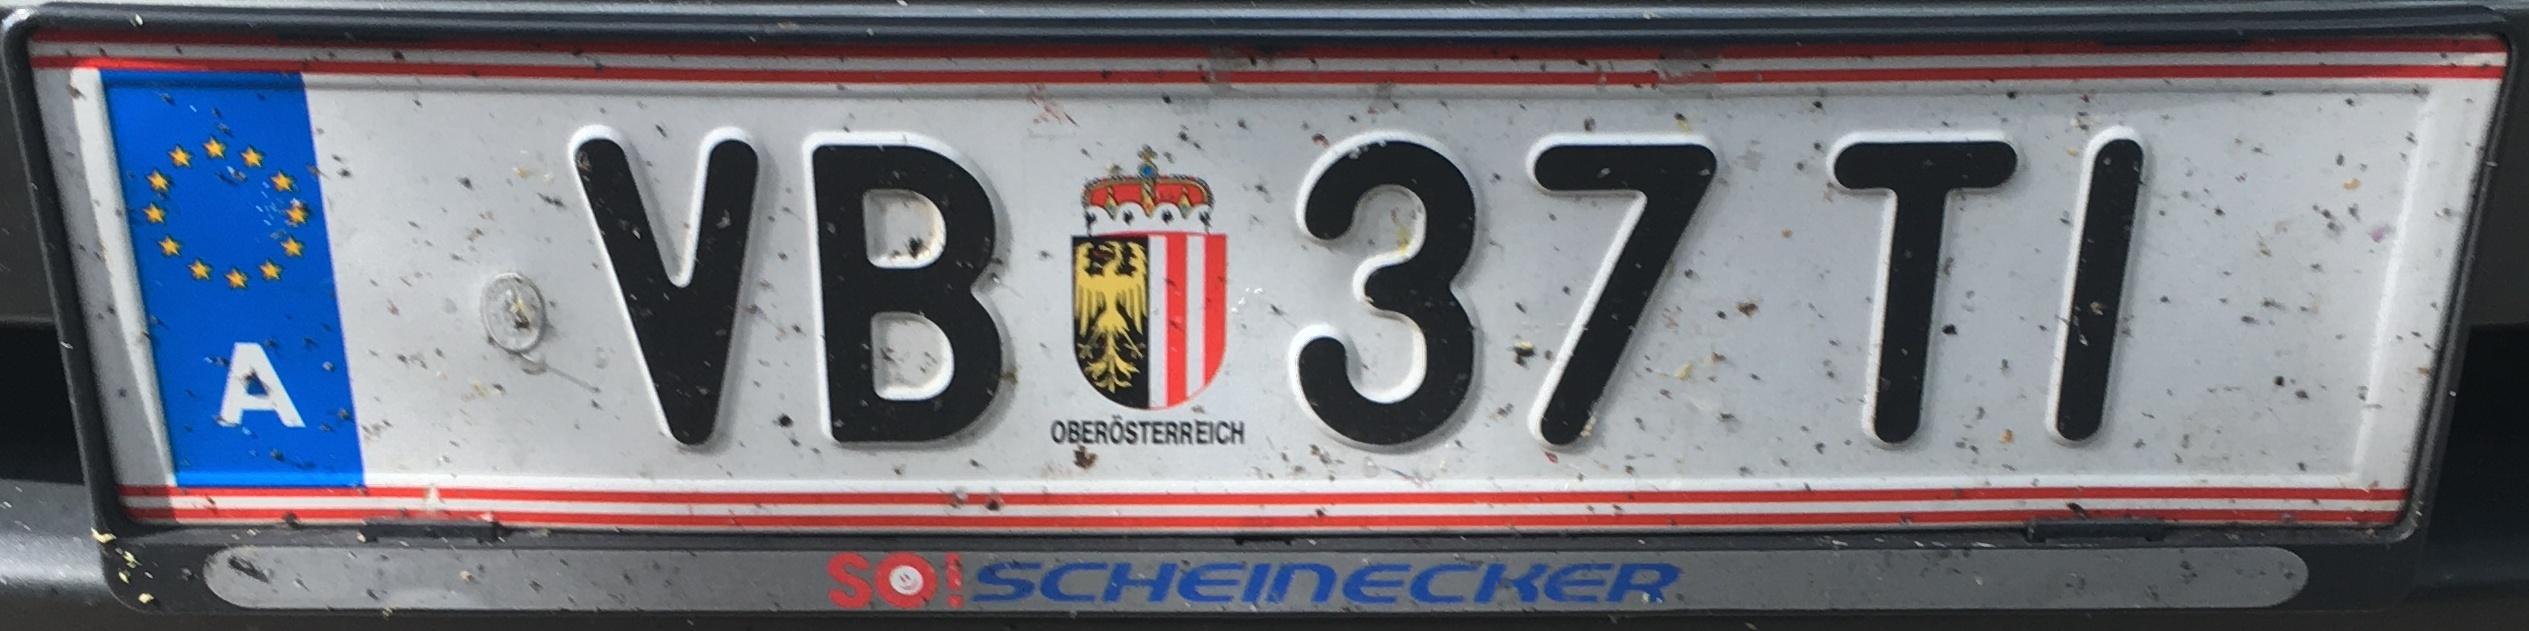 Registrační značka Rakousko - VB - Vöcklabruck, foto: vlastní